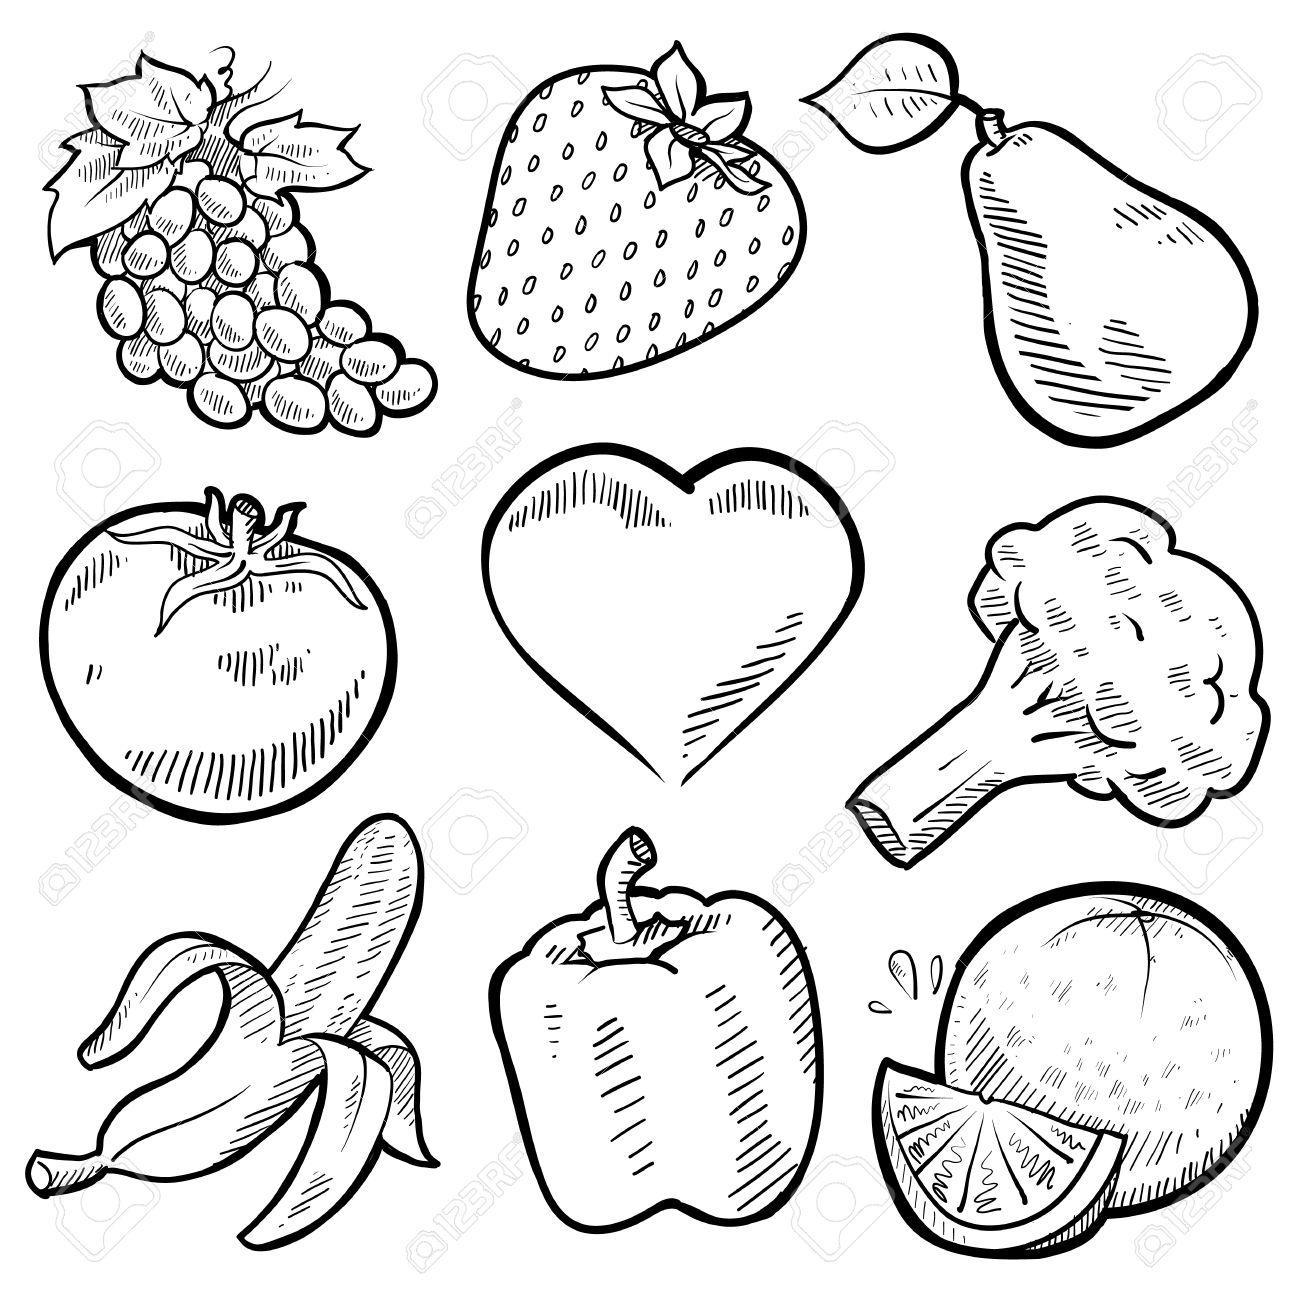 Овощ рисунок карандашом